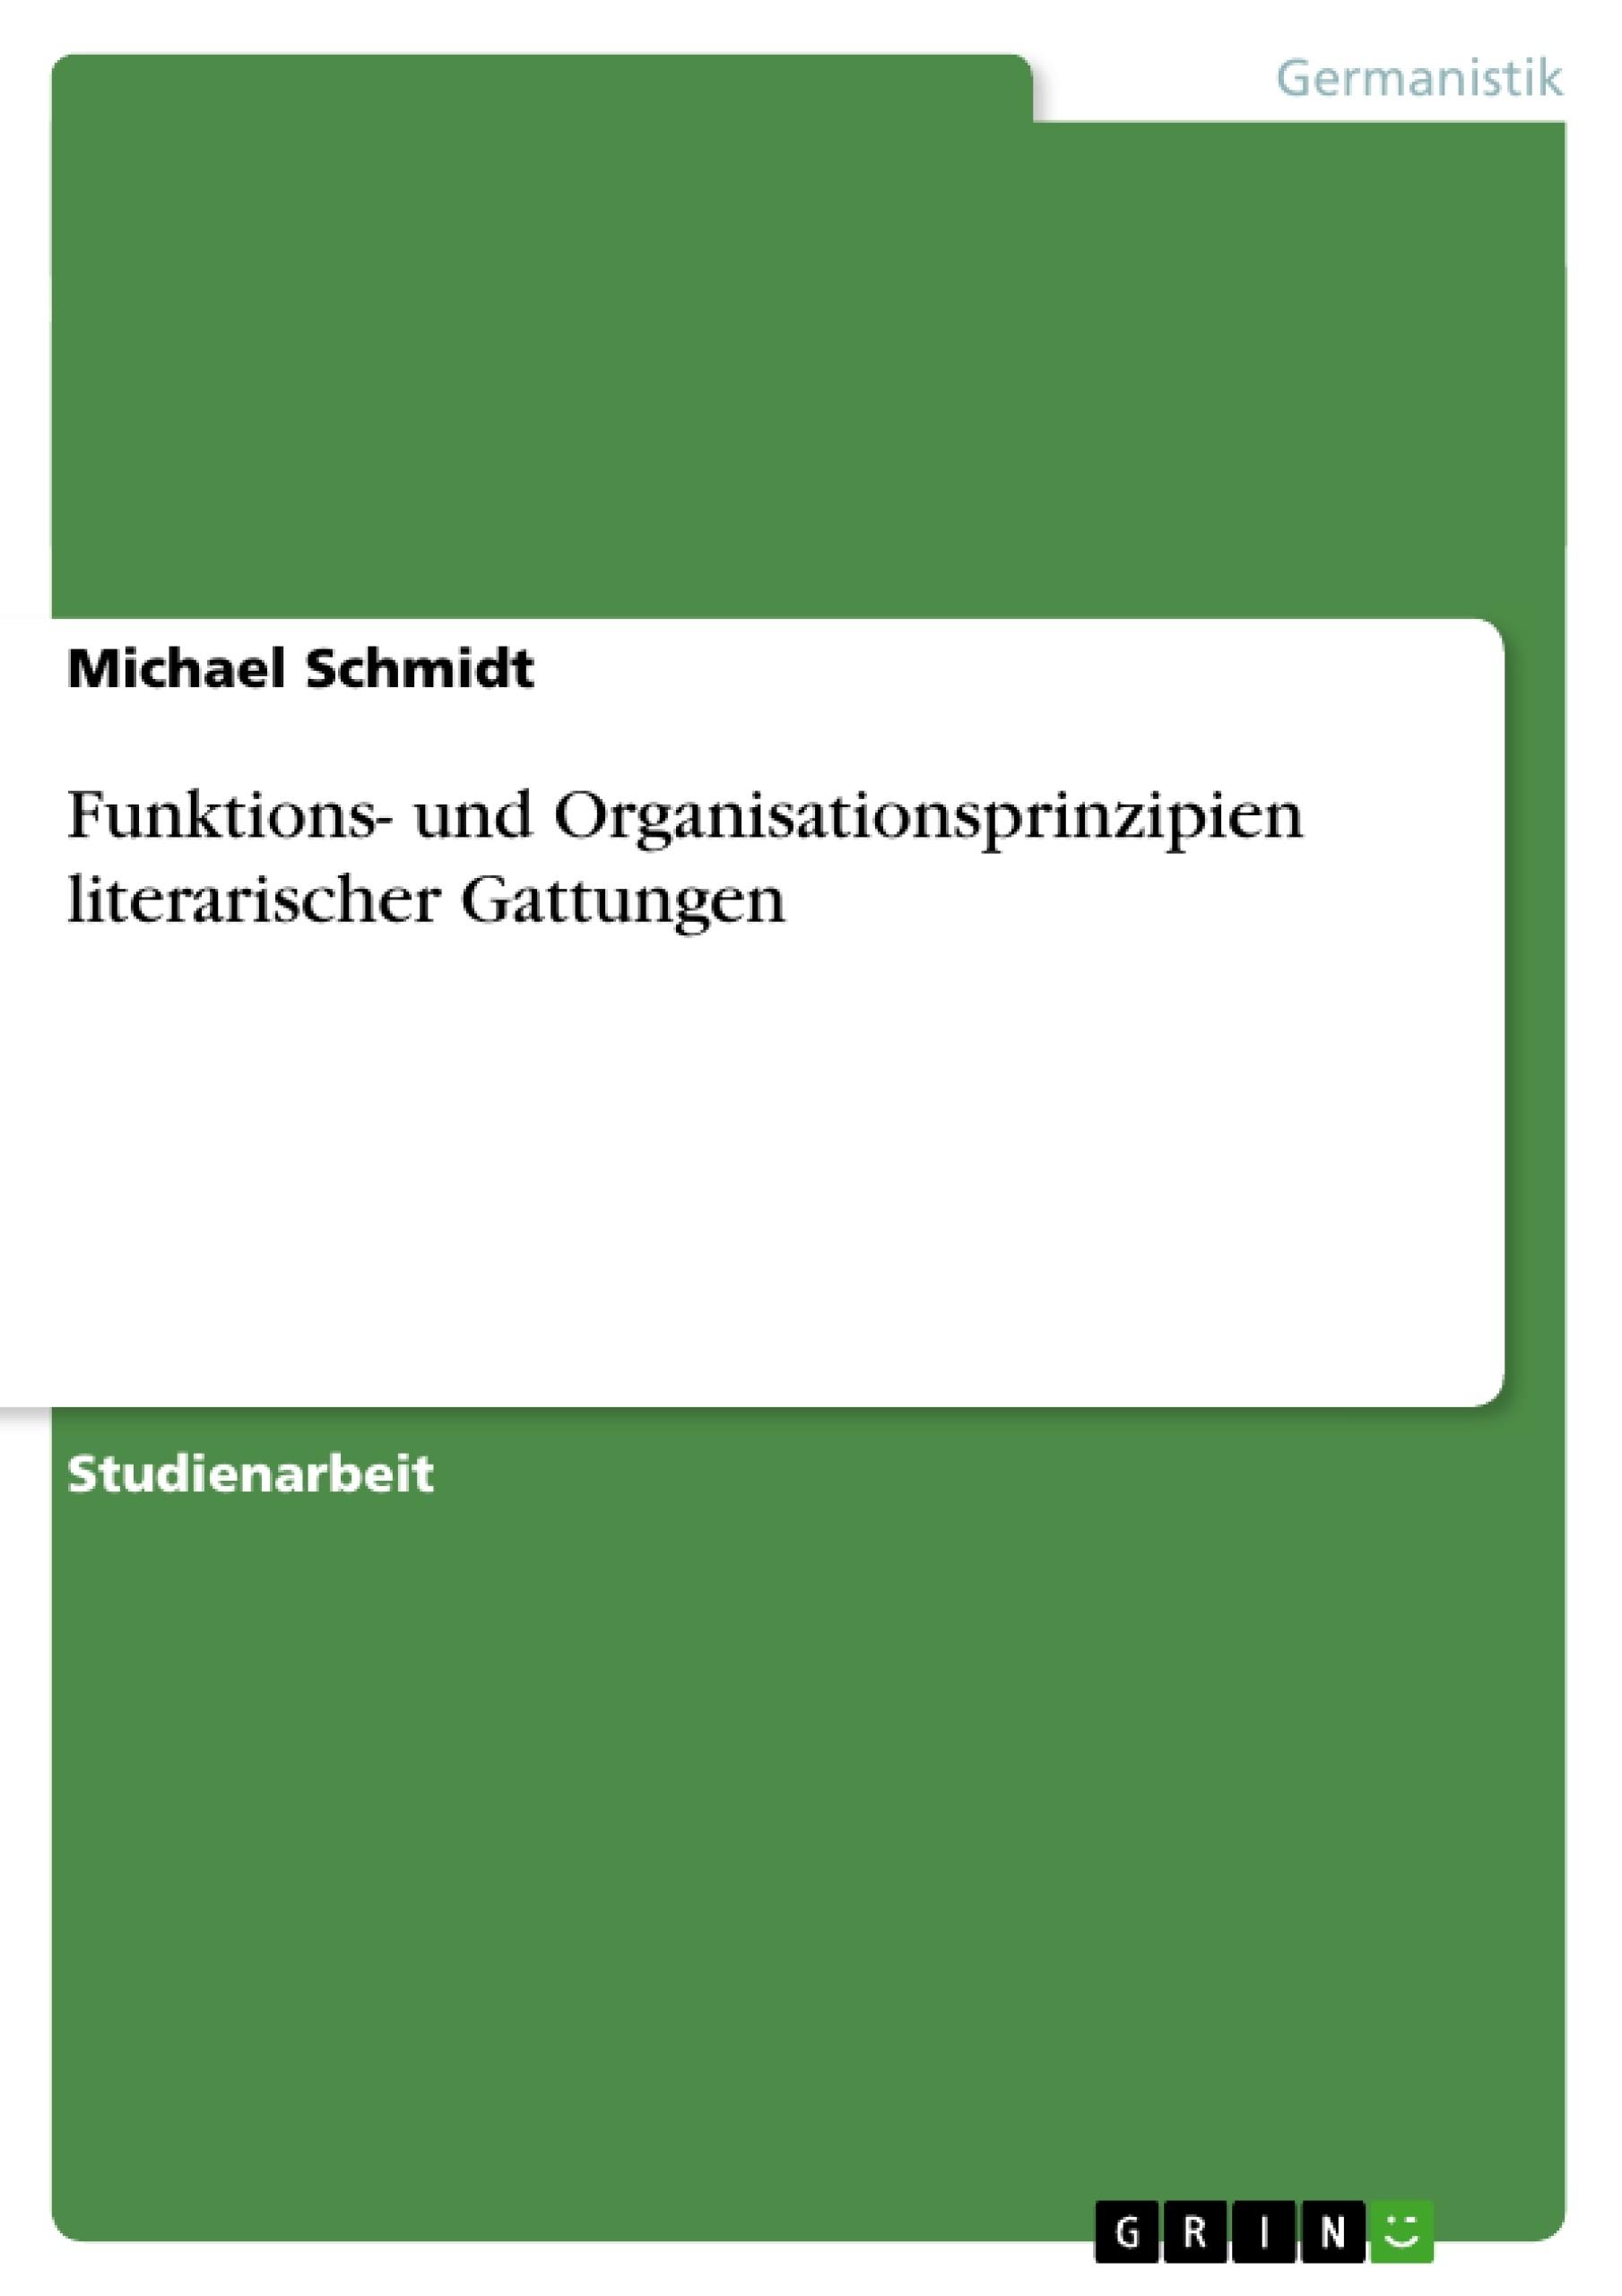 Titel: Funktions- und Organisationsprinzipien literarischer Gattungen